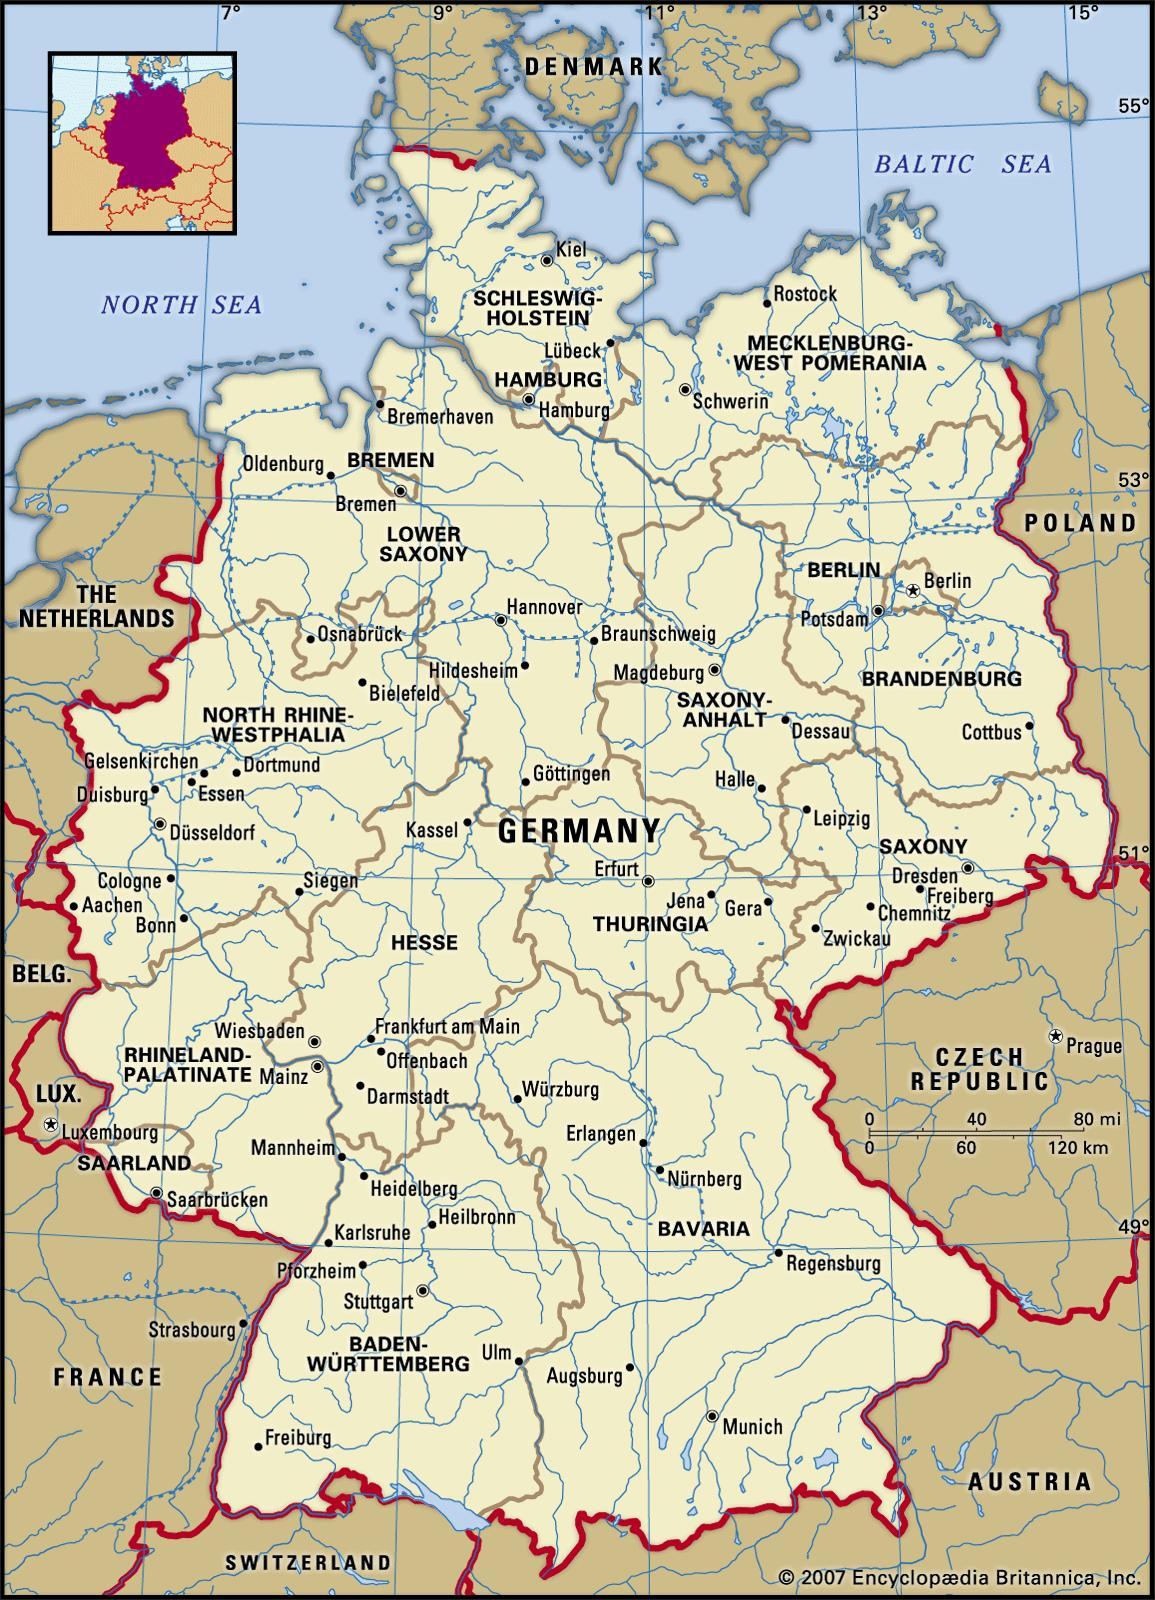 موقعیت جغرافیایی المان